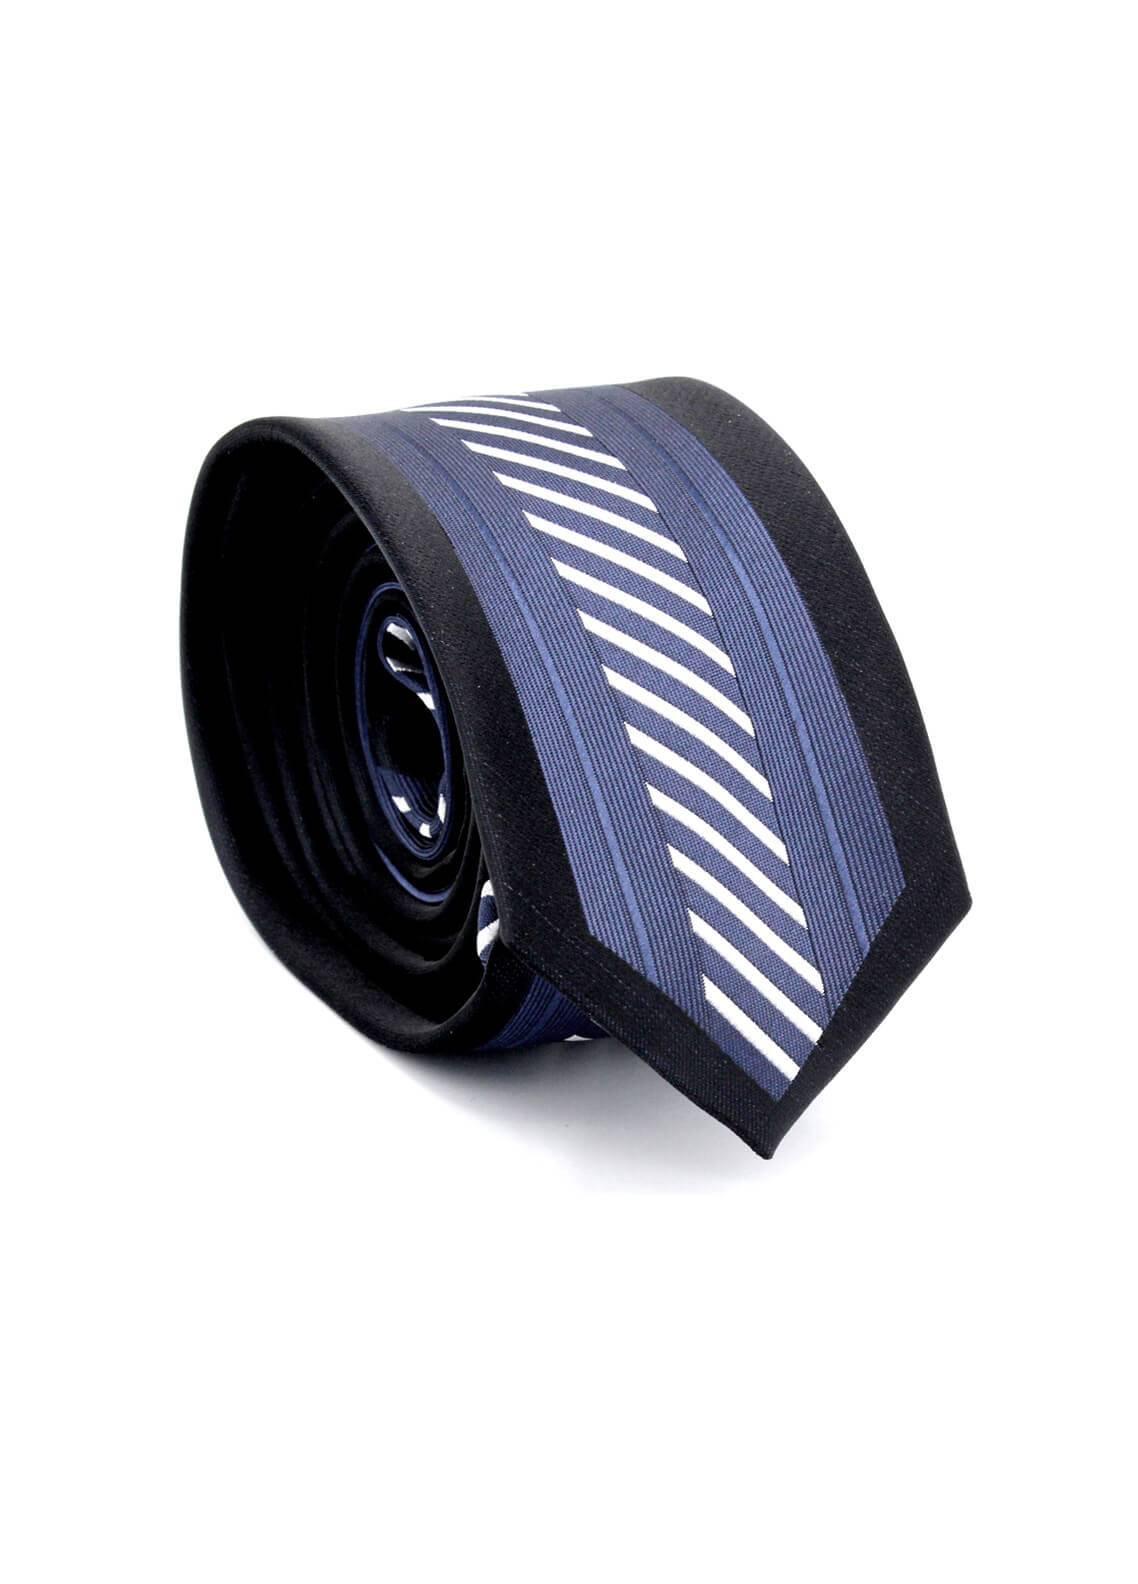 Skangen Multi-Patterned Wool Neck Tie Neck Tie SKTI-S-002 -